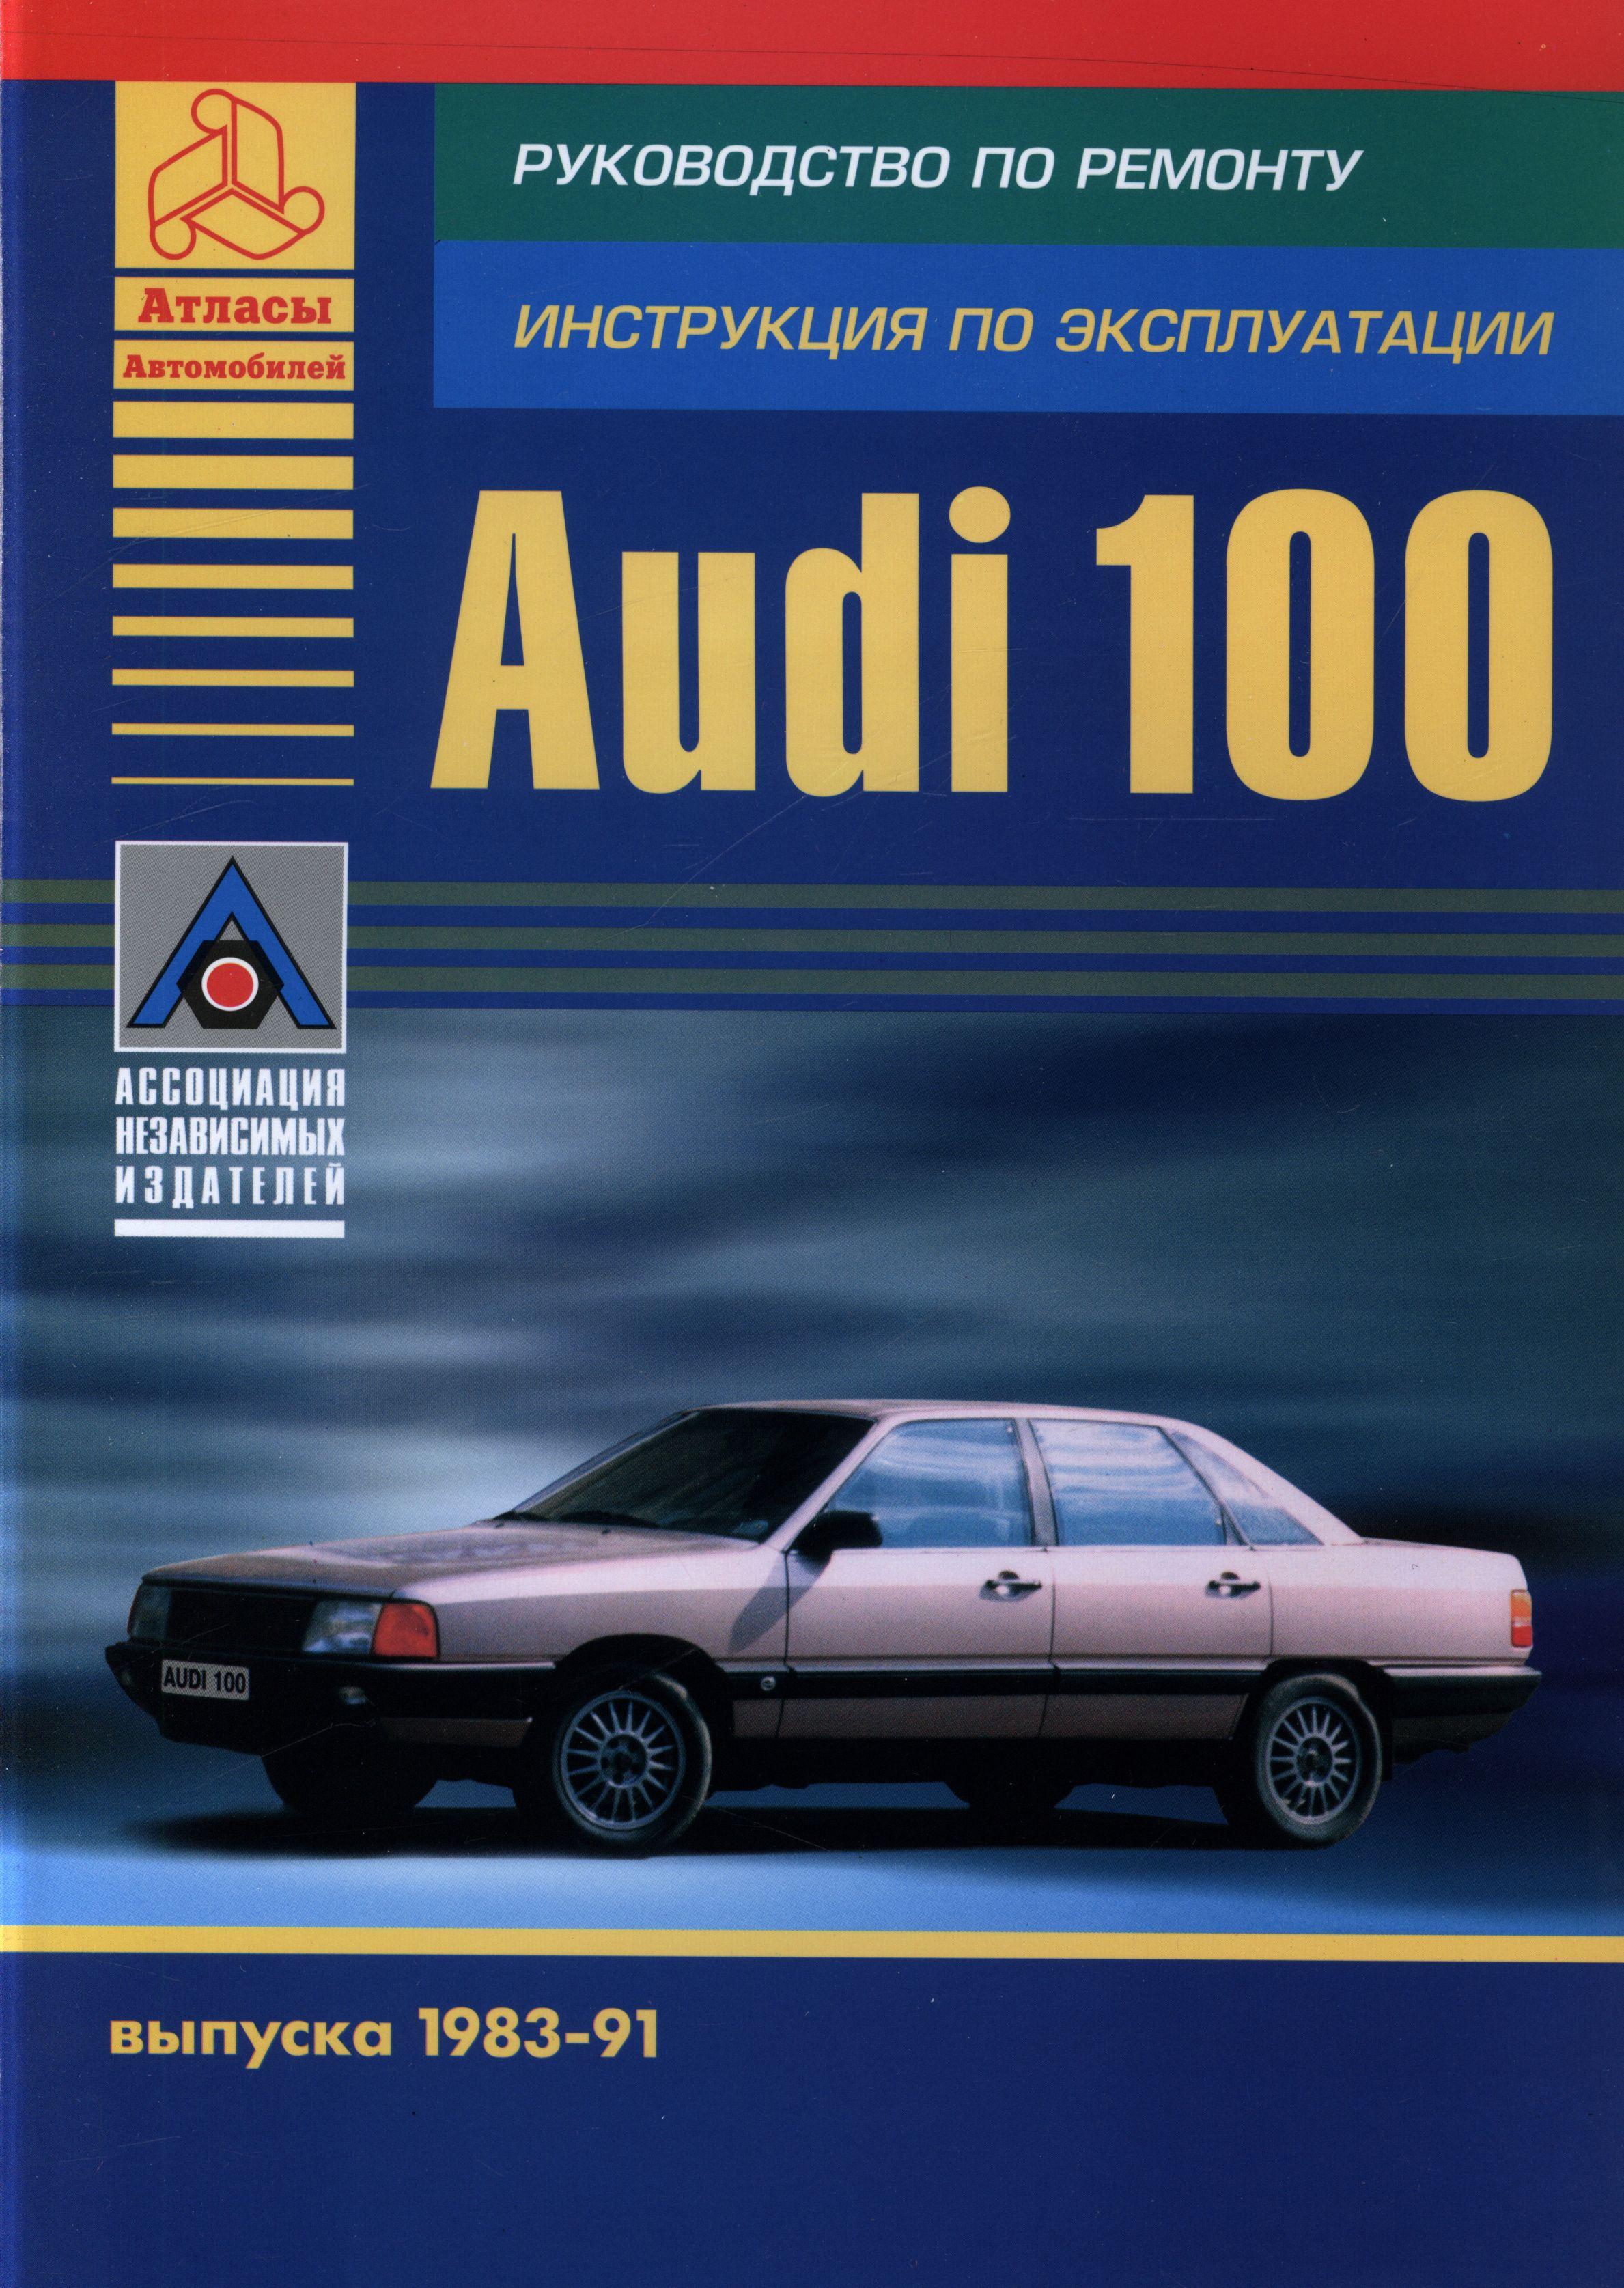 AUDI 100 1983-1991 бензин Пособие по ремонту и эксплуатации